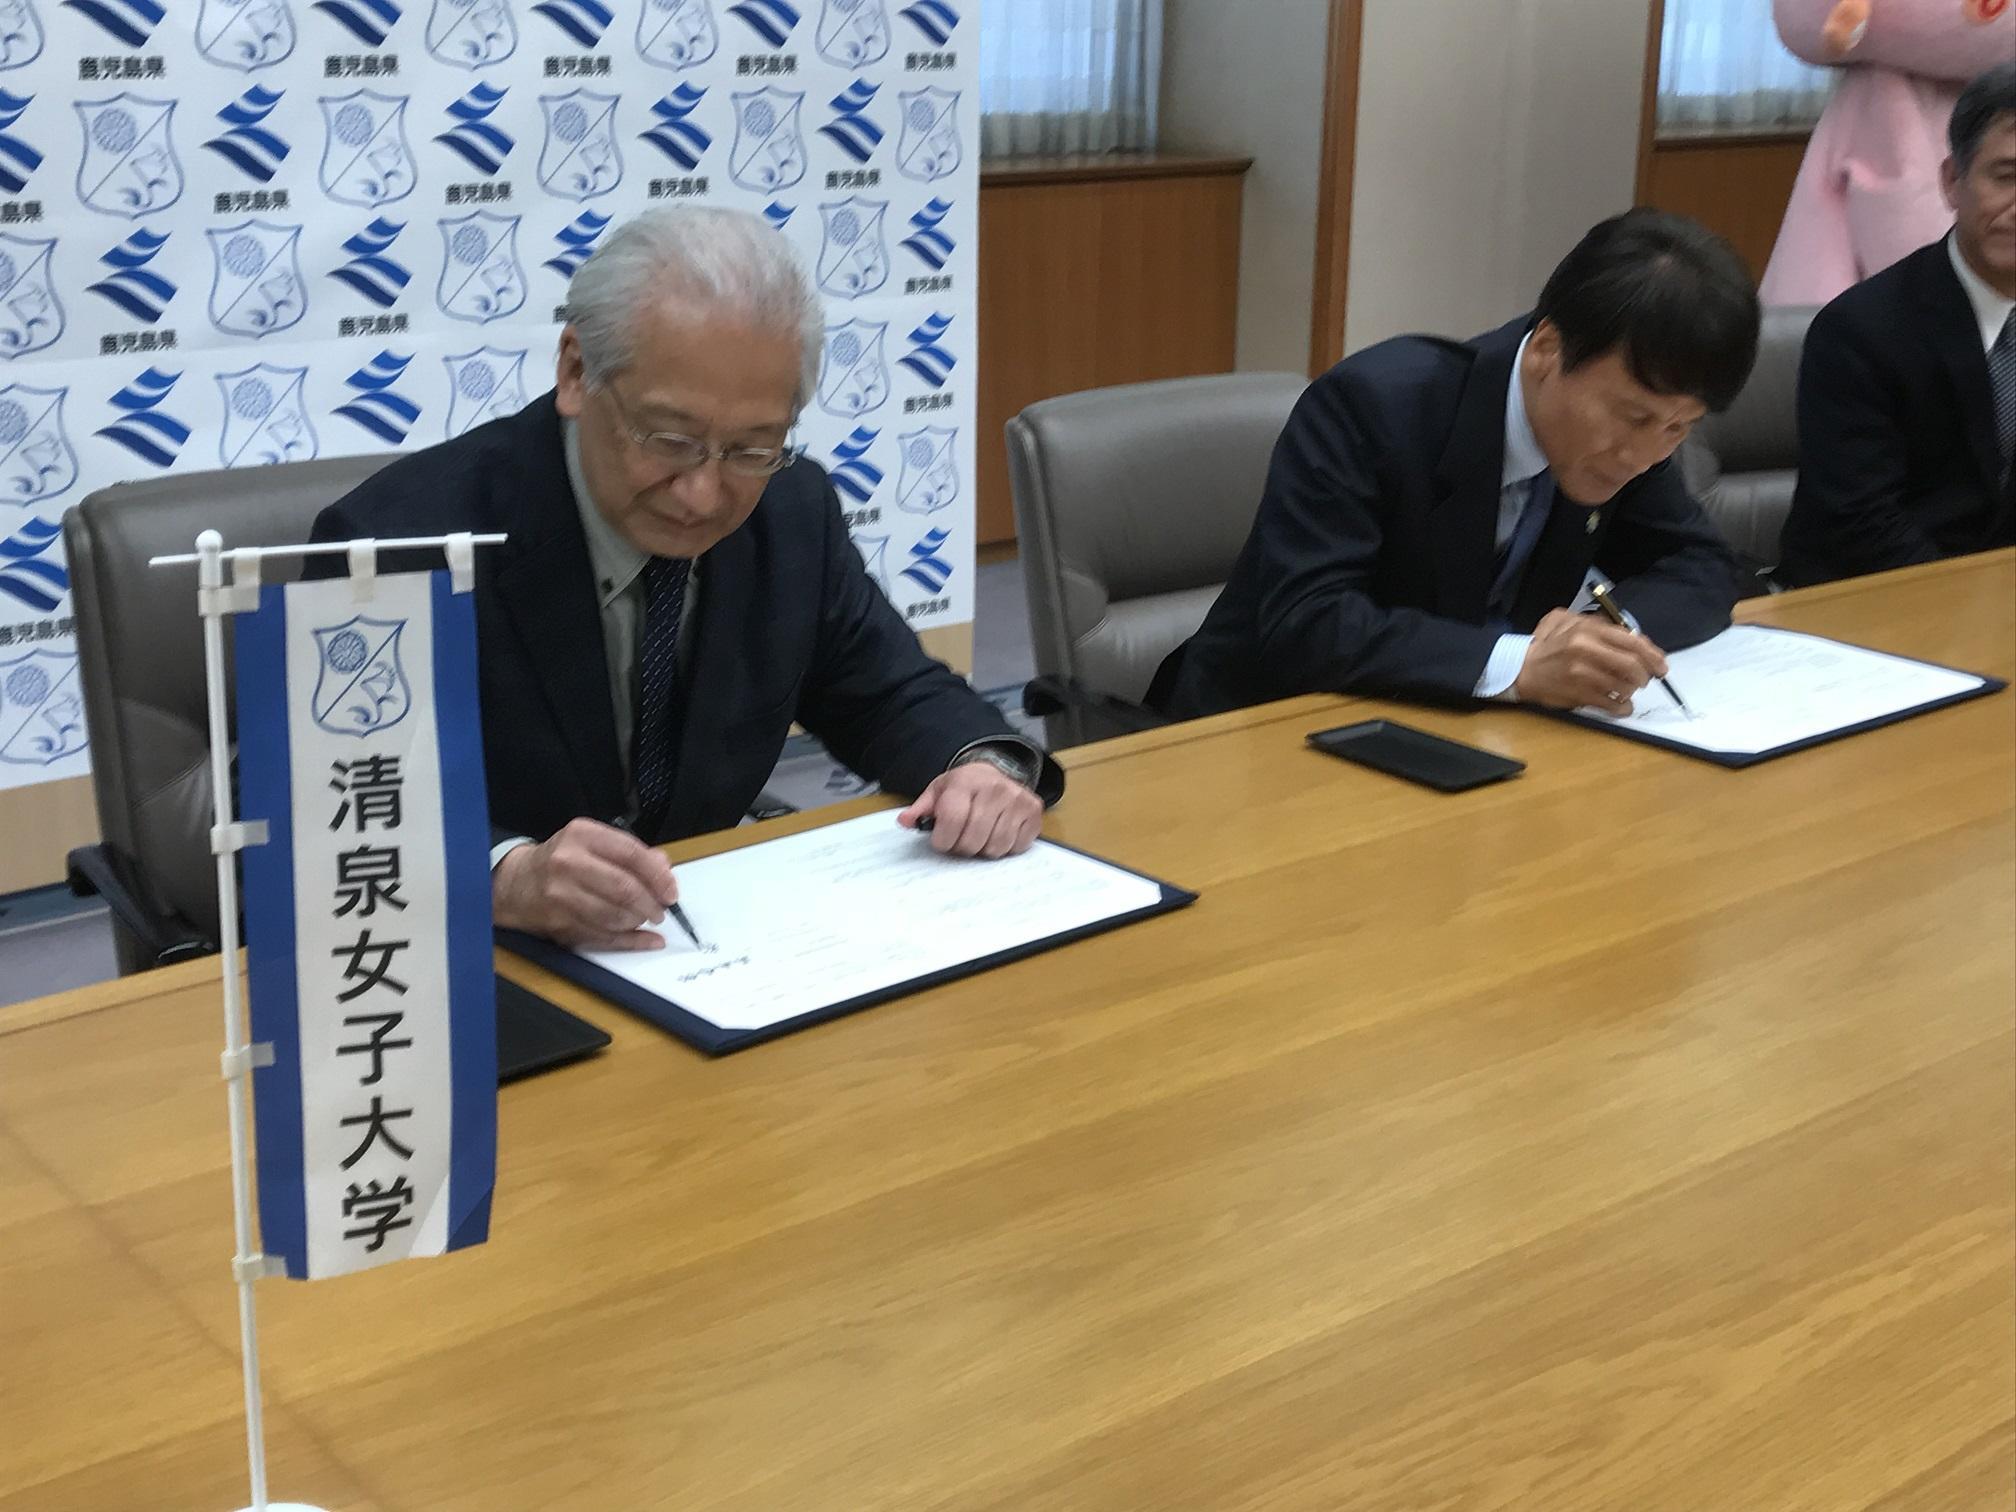 清泉女子大学と鹿児島県が包括的連携協定を締結